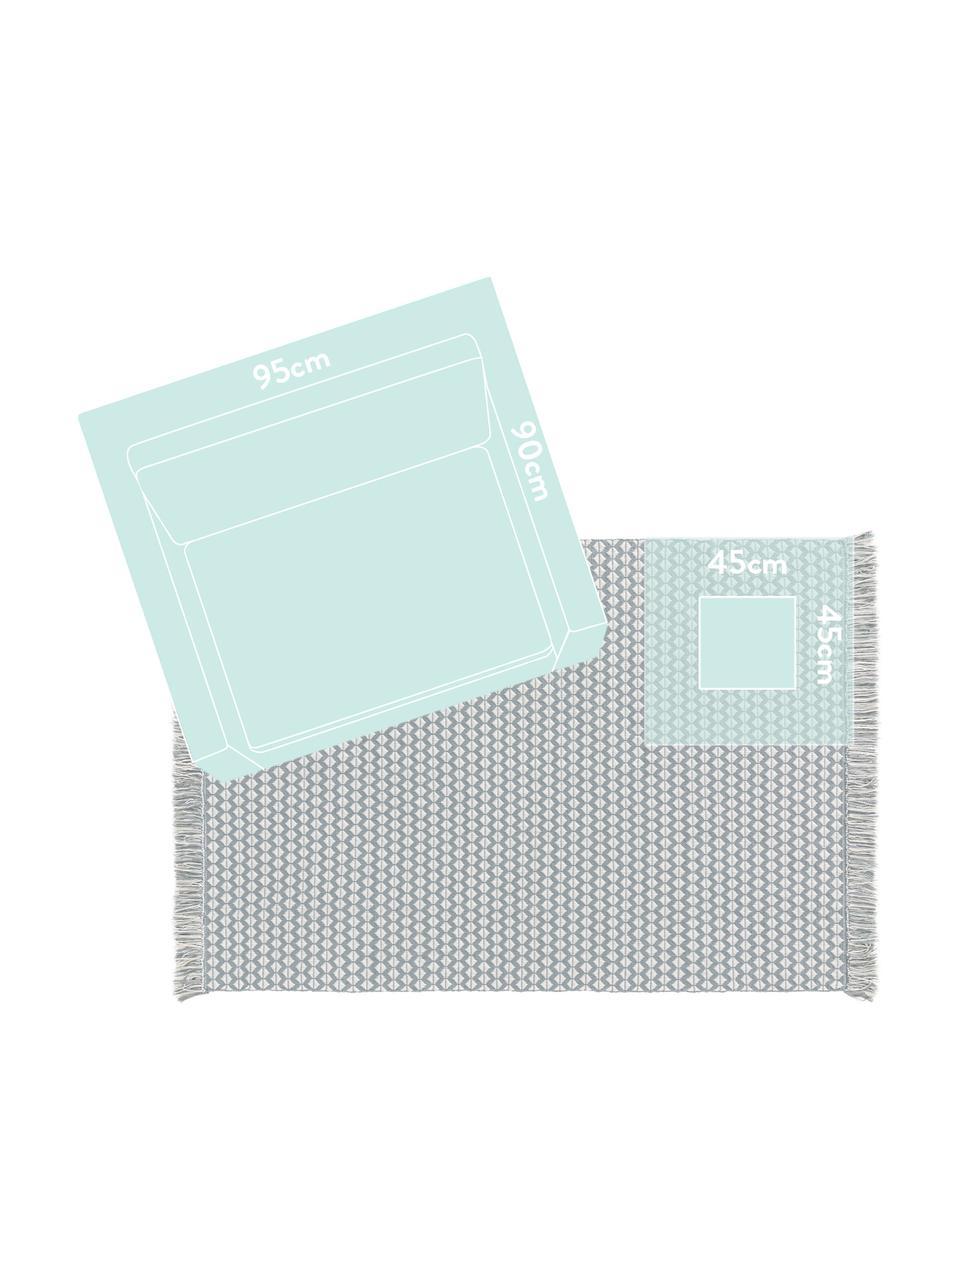 In- & Outdoor-Teppich Morty mit Ethnomuster und Fransen, 100% Polyester (recyceltes PET), Blau, gebrochenes Weiß, B 80 x L 150 cm (Größe XS)